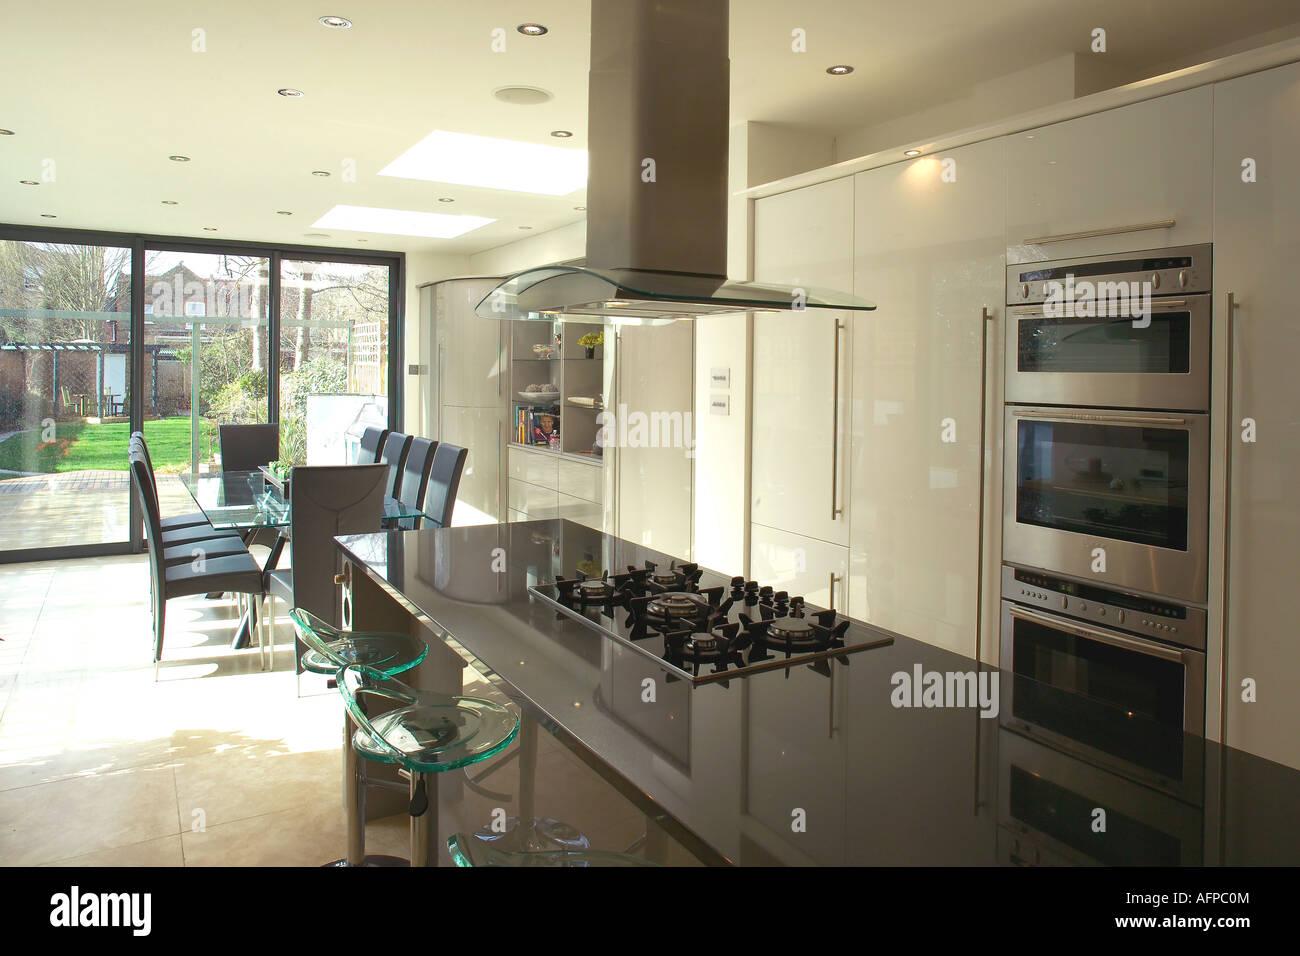 Bancada De Granito Preto Na Ilha Unidade Em Openplan Moderna Cozinha